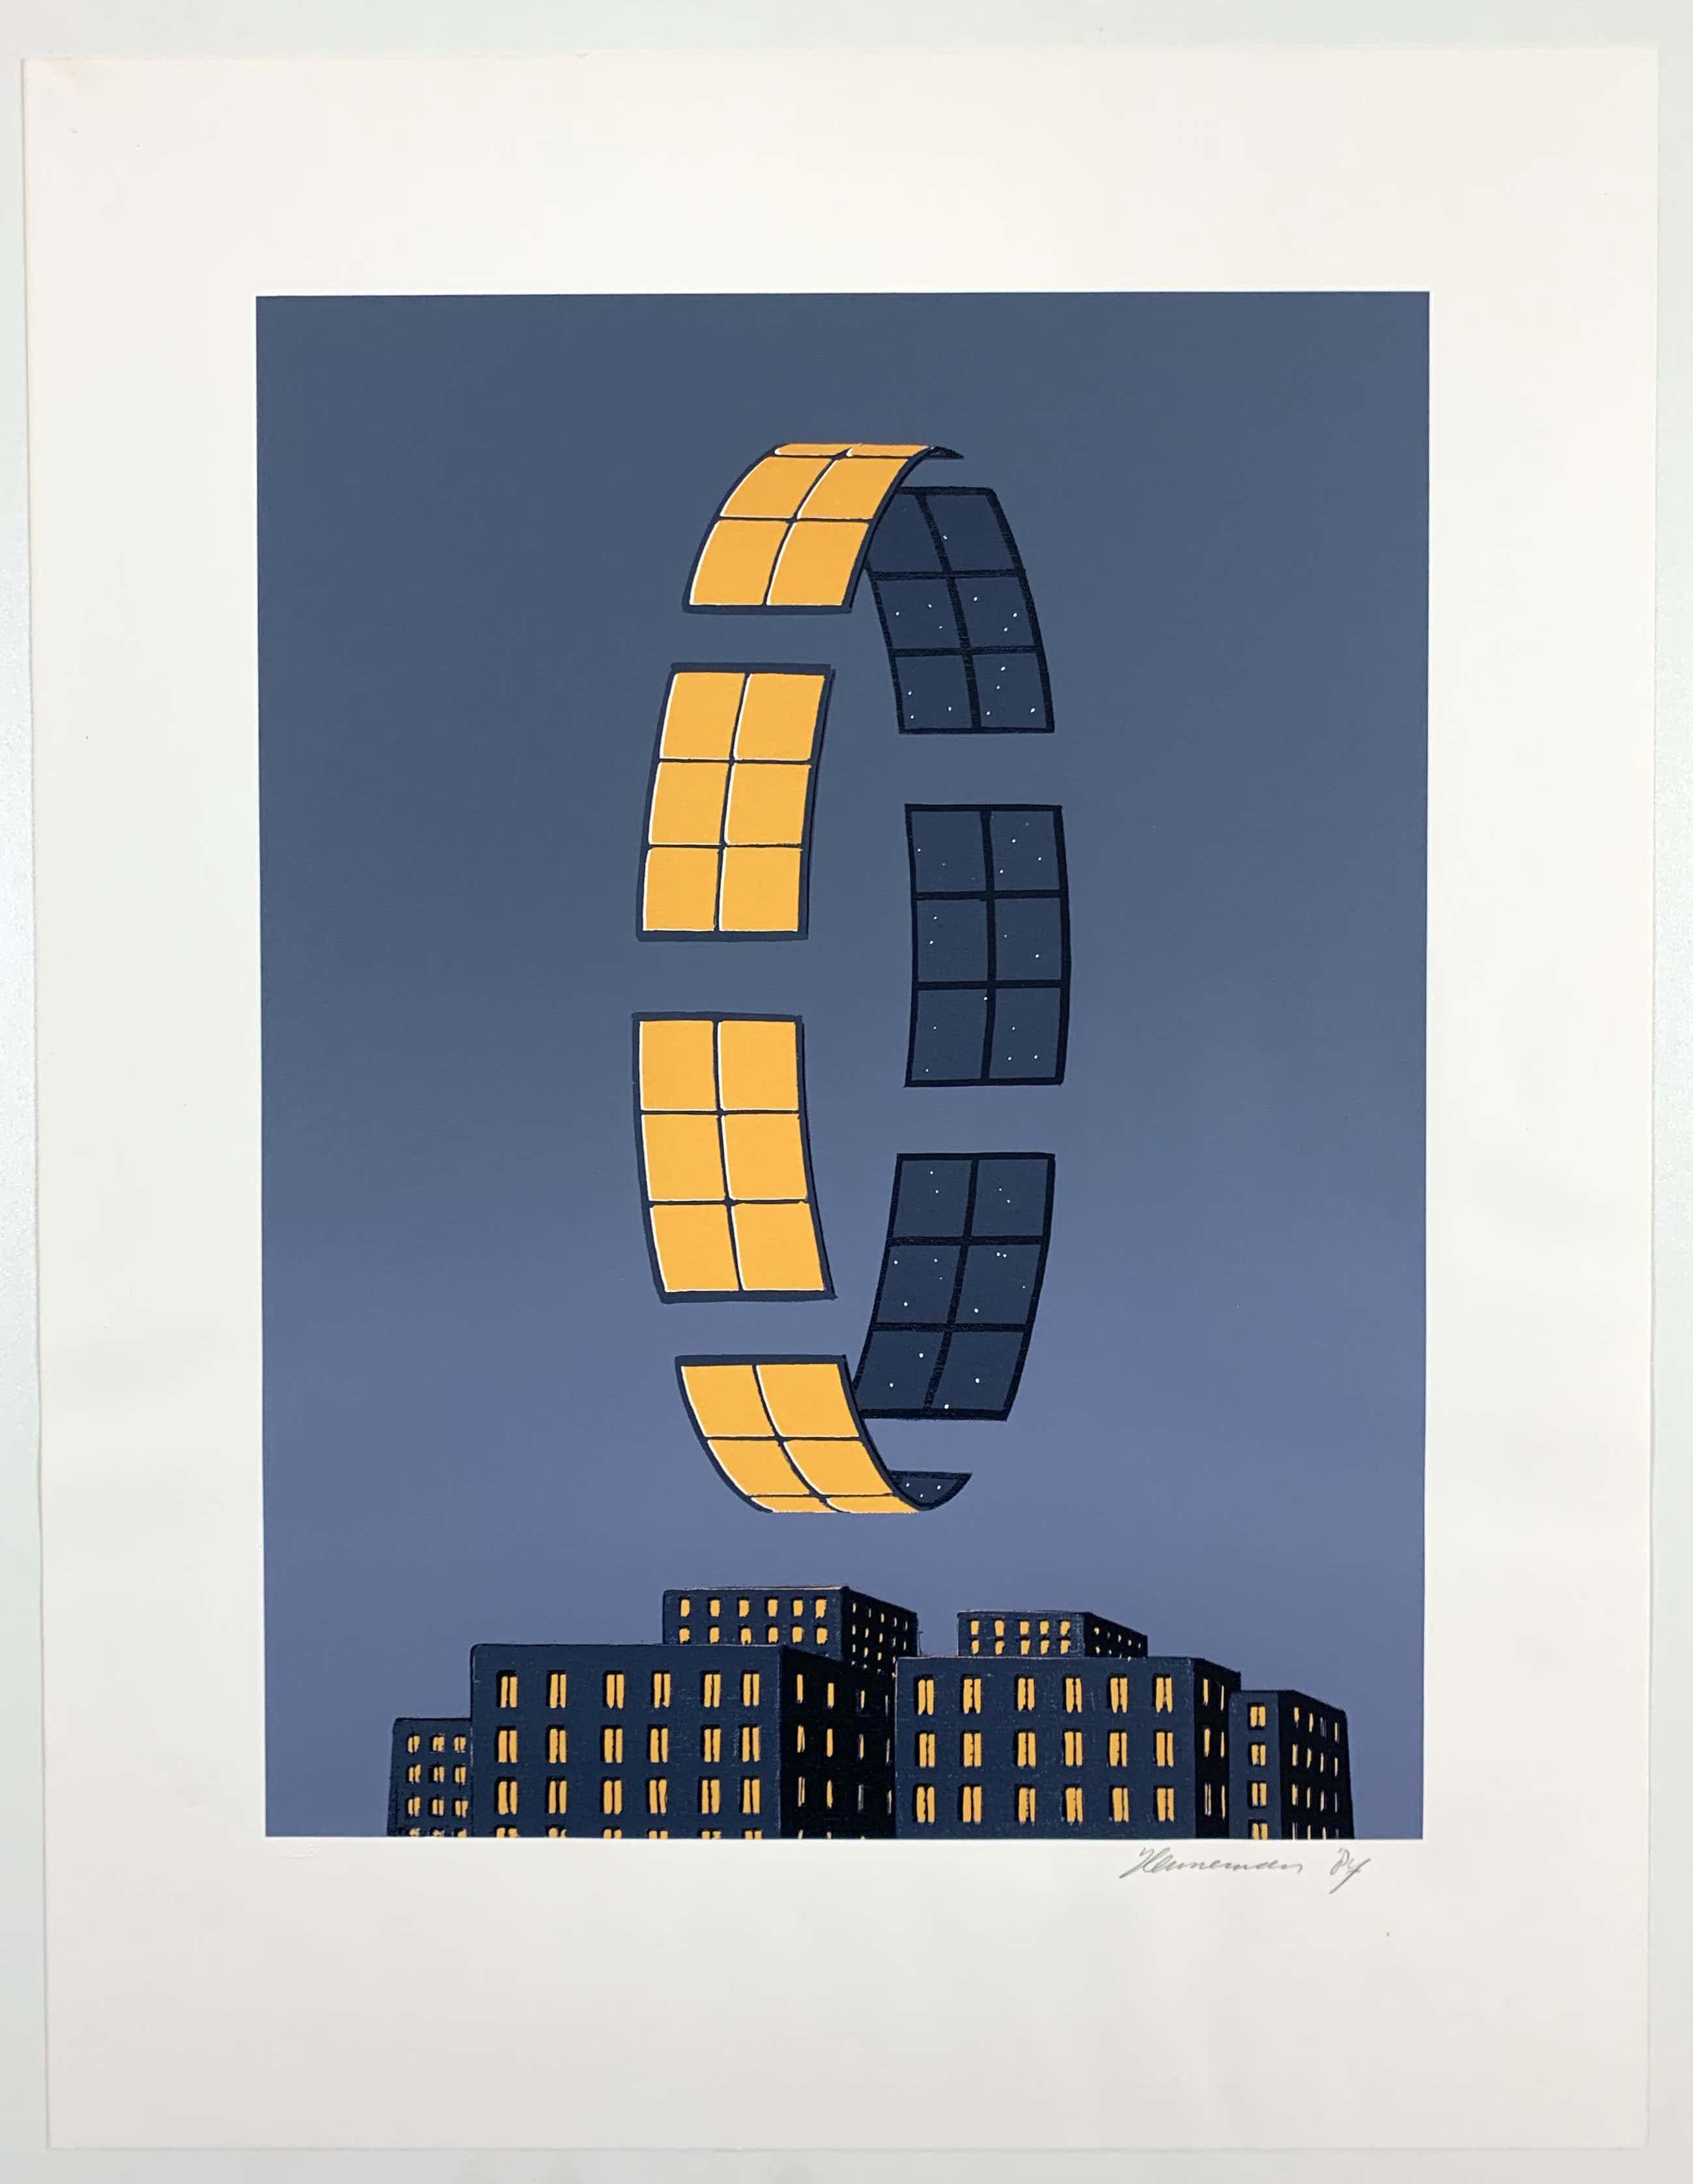 Jeroen Henneman - kleurenzeefdruk - 'De ochtend' - uitgave Het Dagelijks Leven -1987 kopen? Bied vanaf 140!